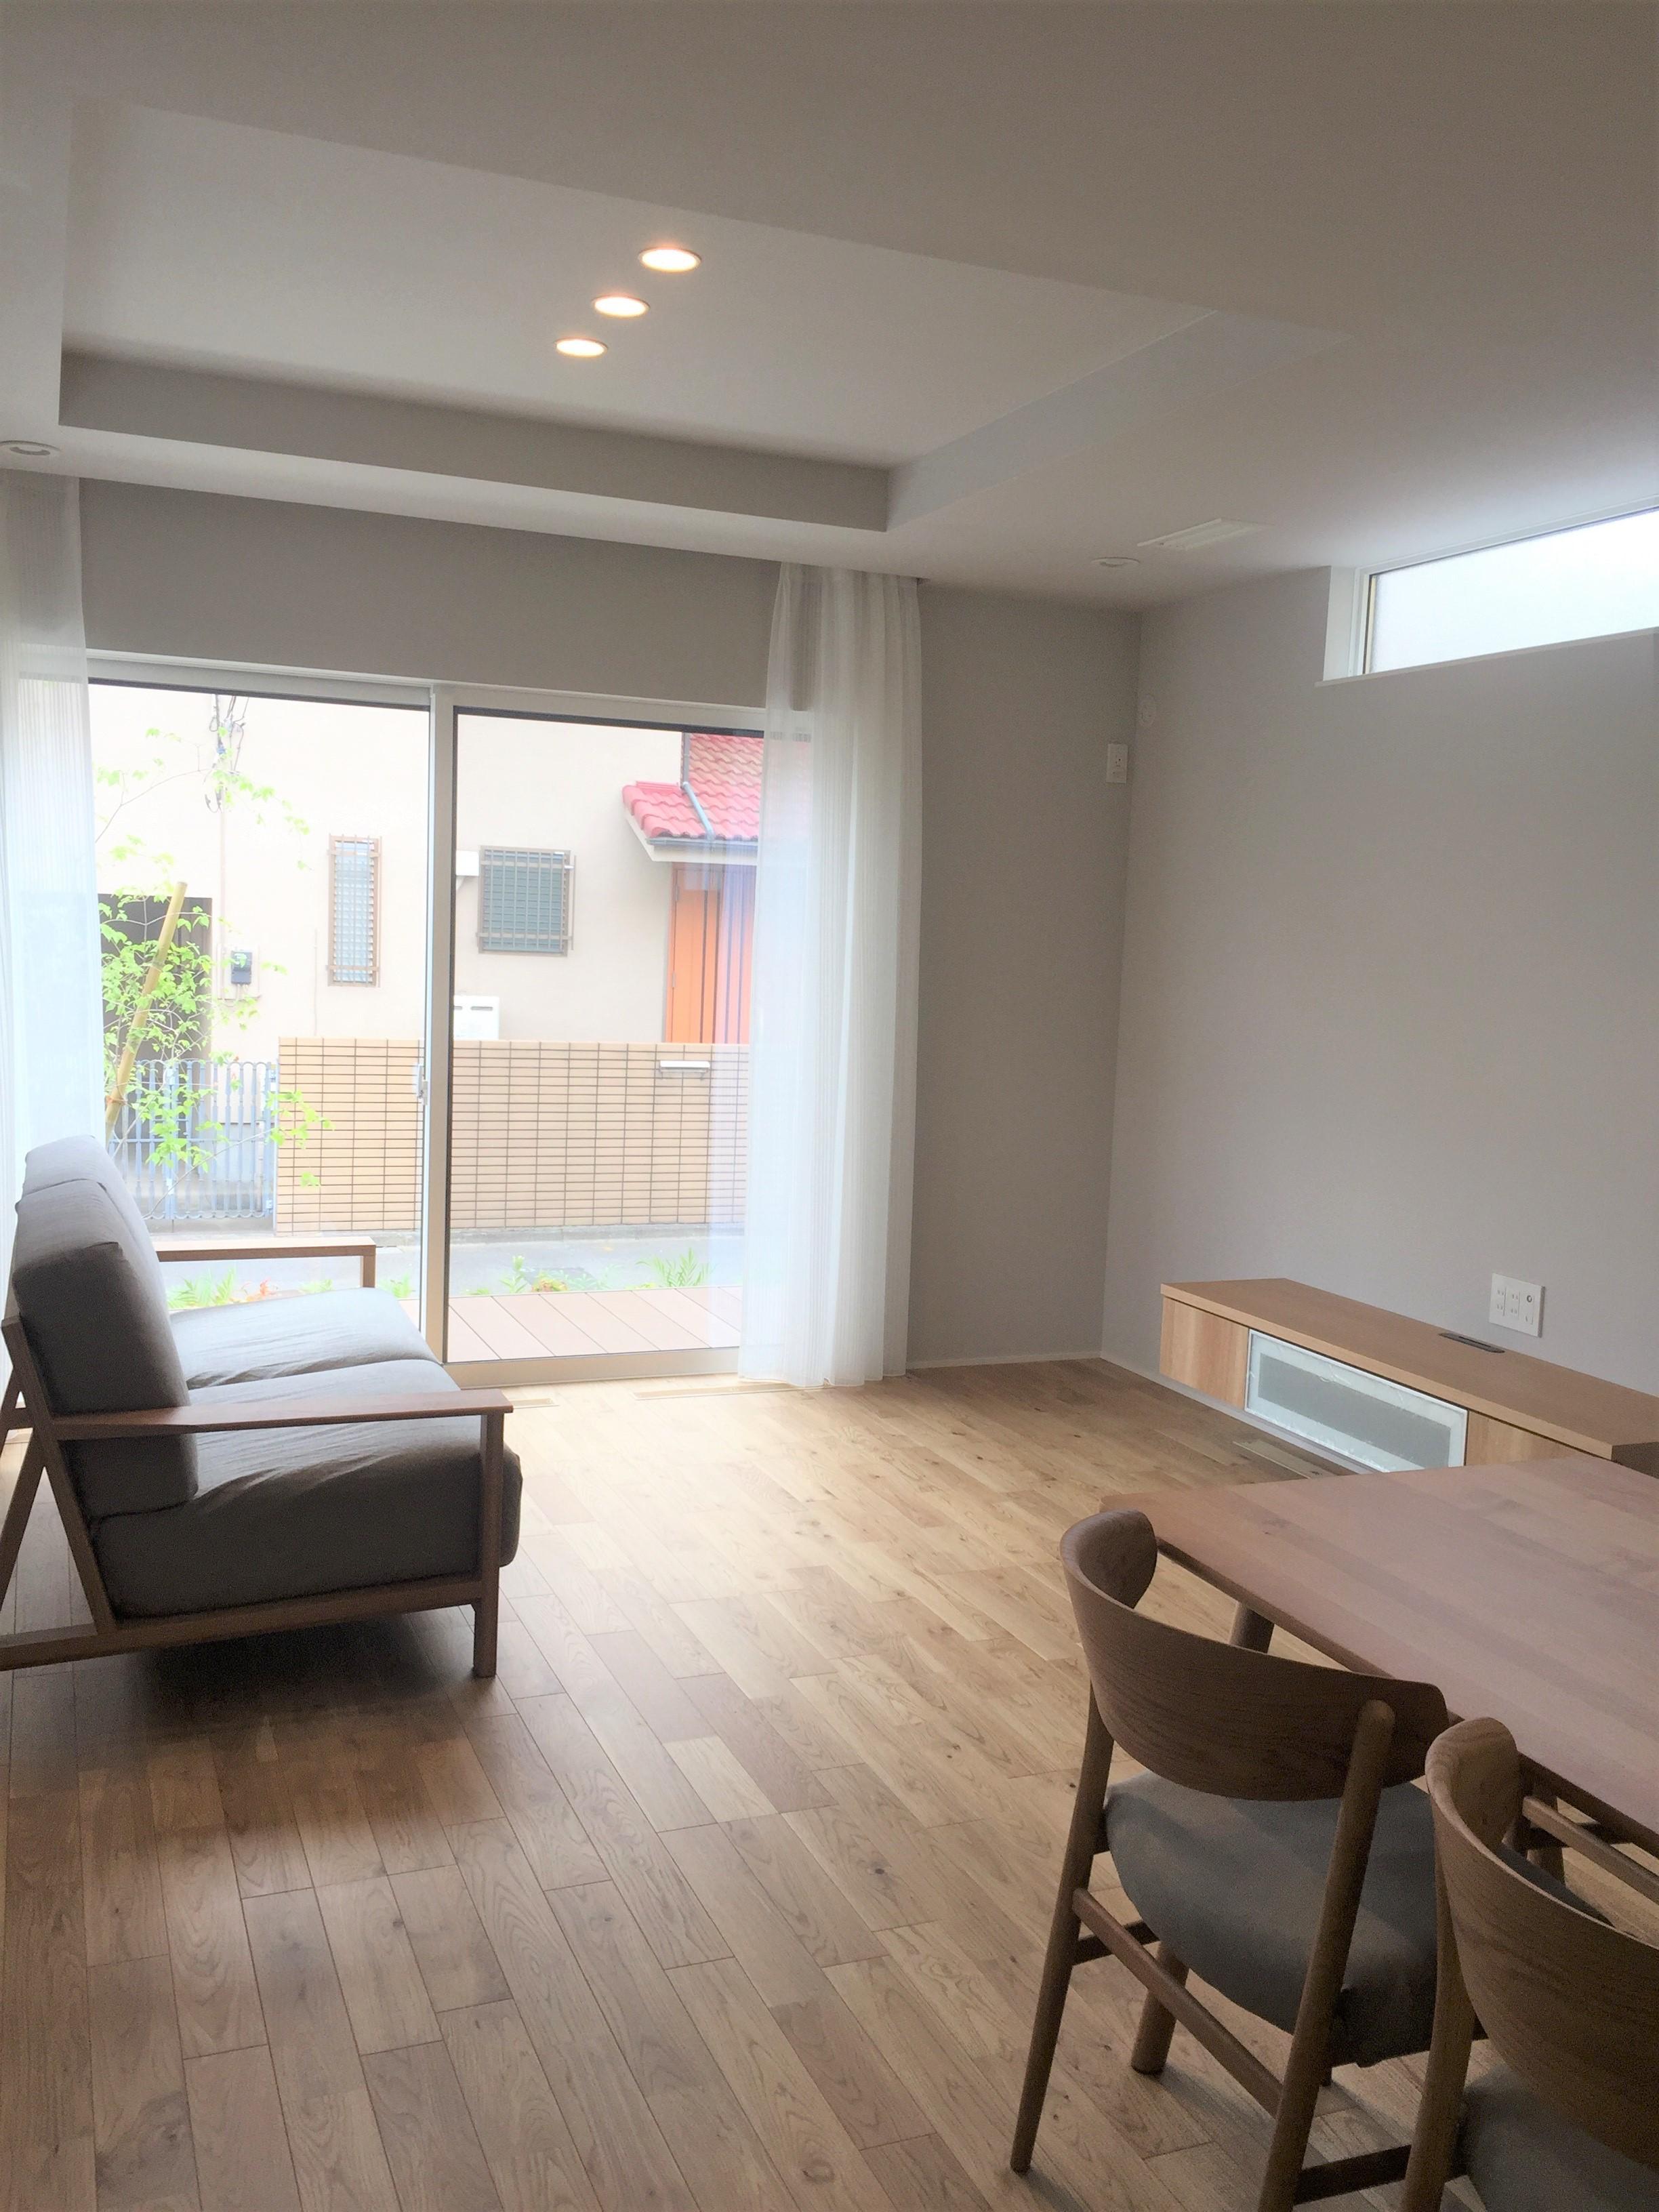 床材はオーク材を使用。LDKは対面キッチンになっており、折り上げ天井が空間のアクセントになっています。こちらの建物は、『全館空調』が搭載されており、365日健康・快適な室内環境が保たれています。